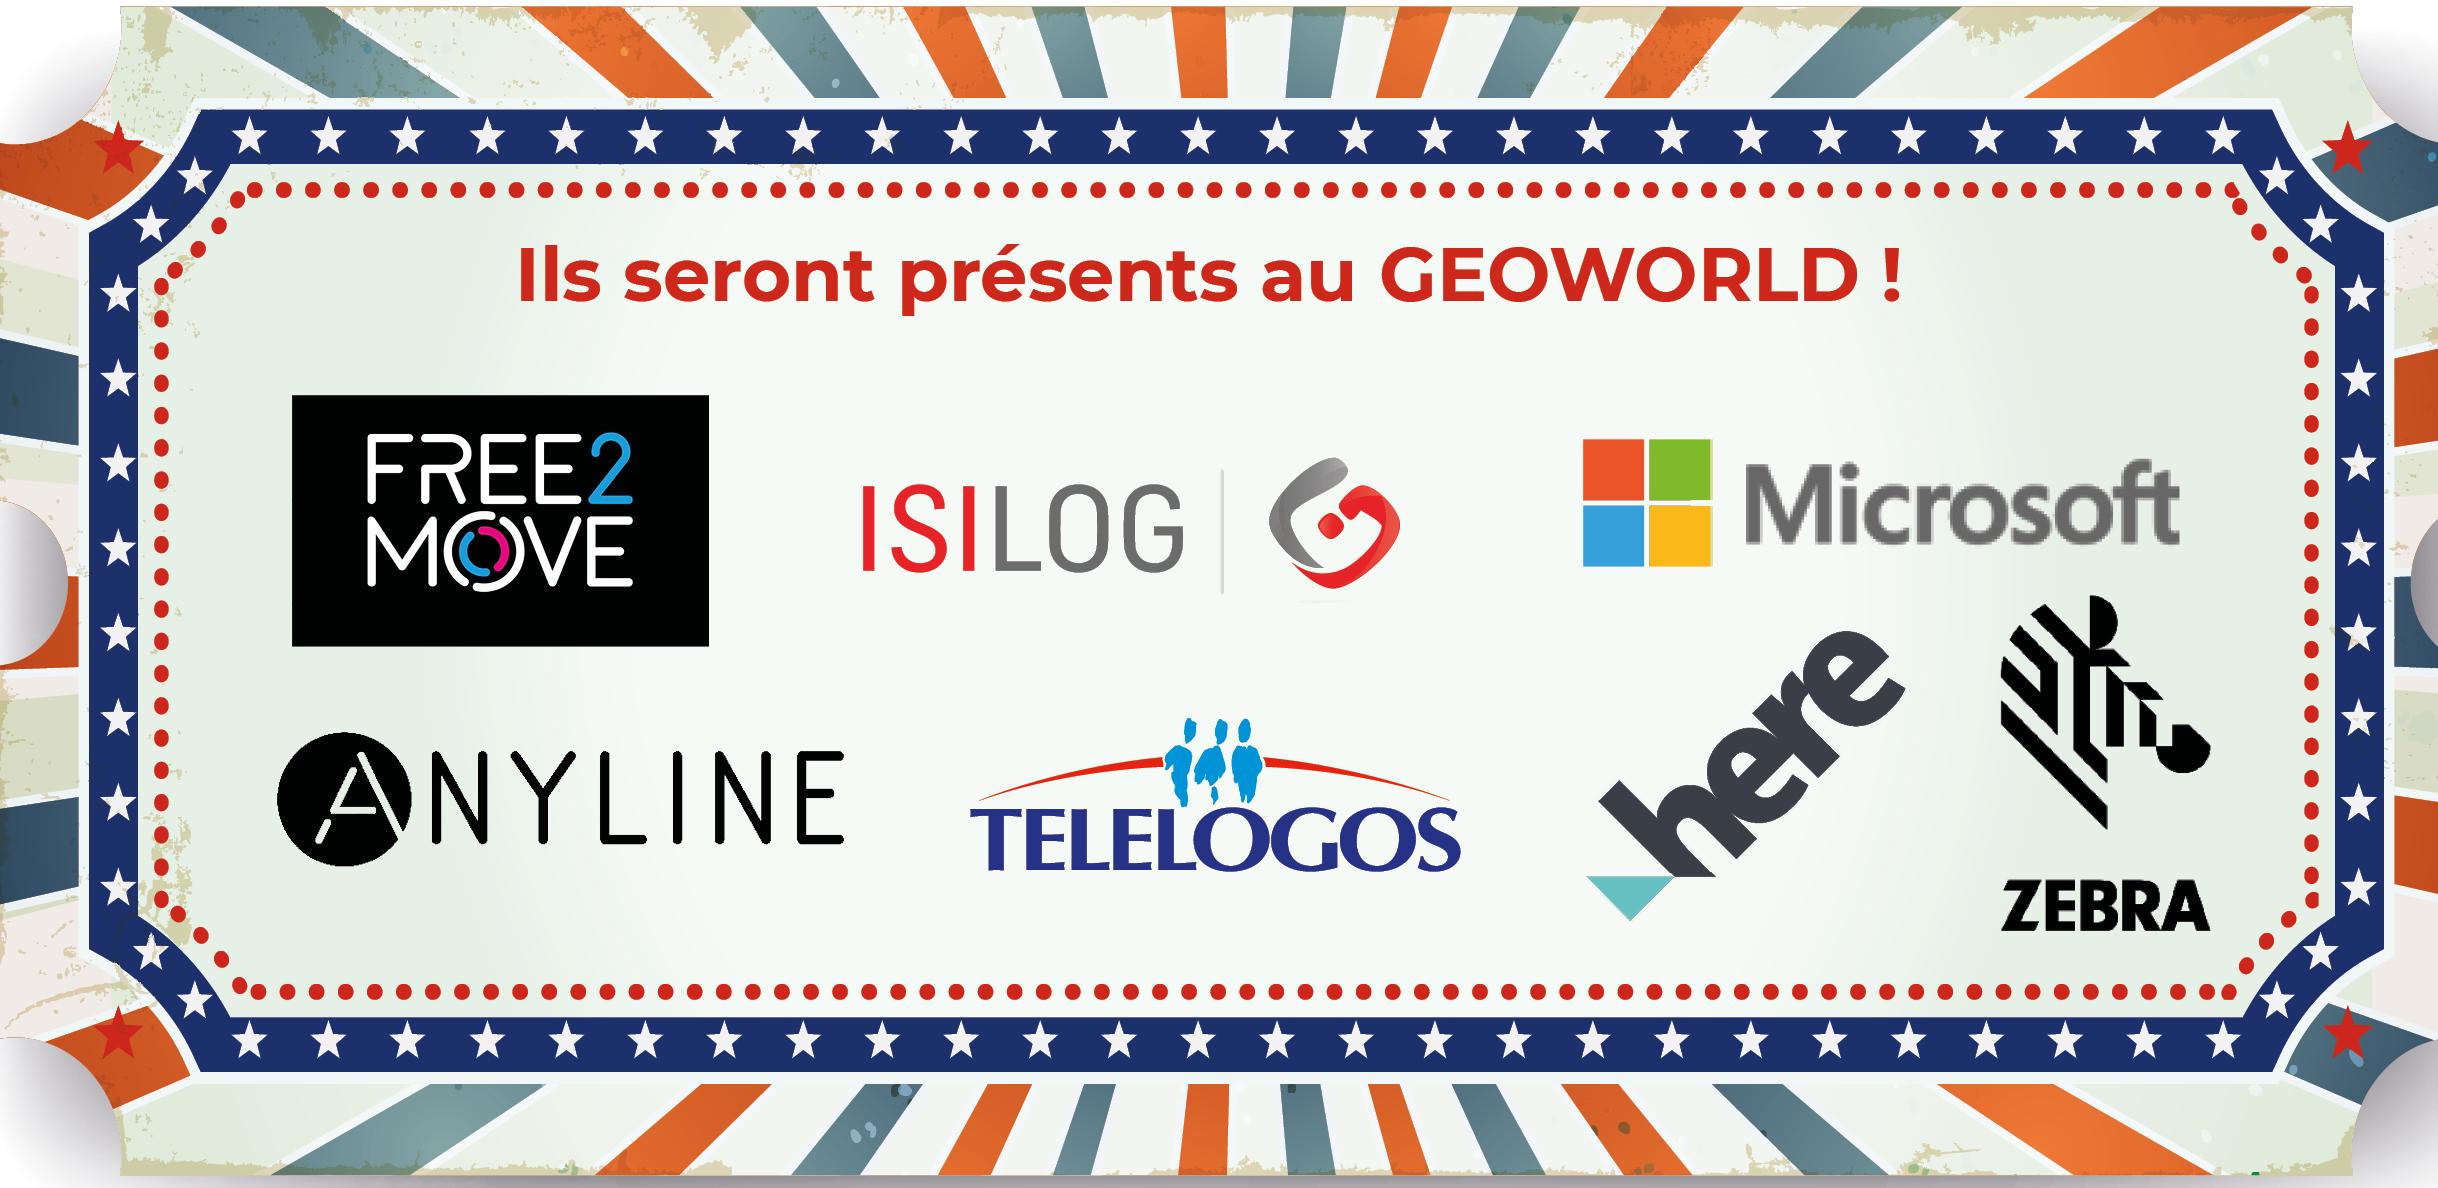 nos-partenaires-presents-au-geoworld-show